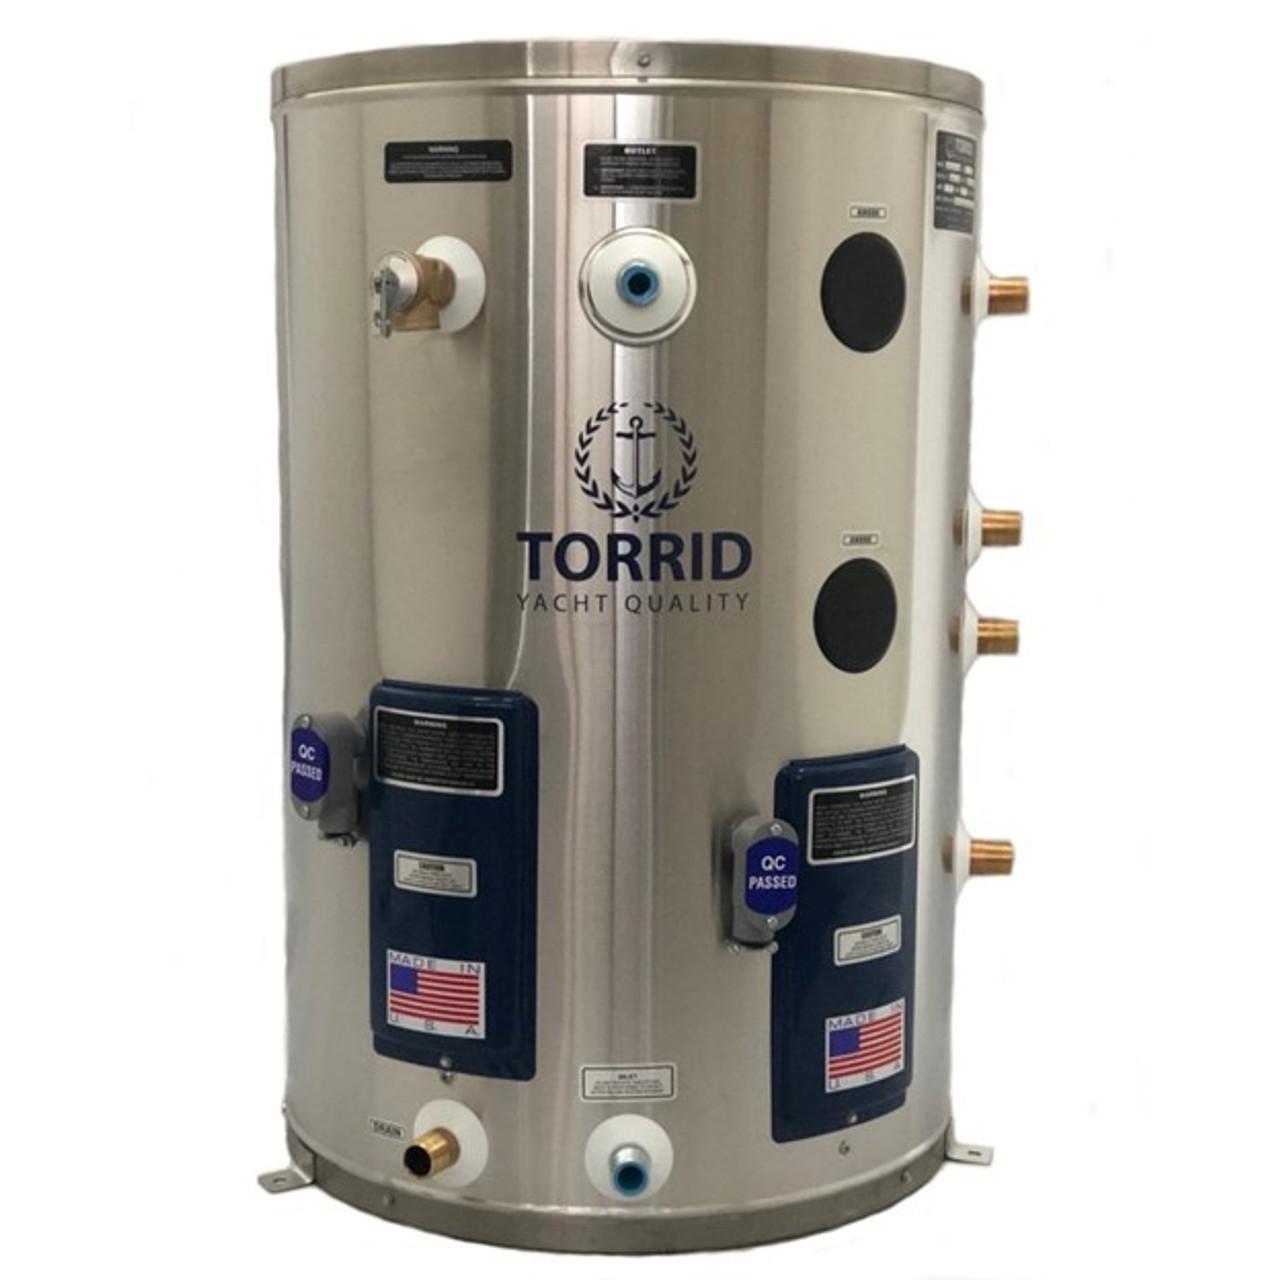 MVS 40 IX Marine Water Heater 120V 1500W